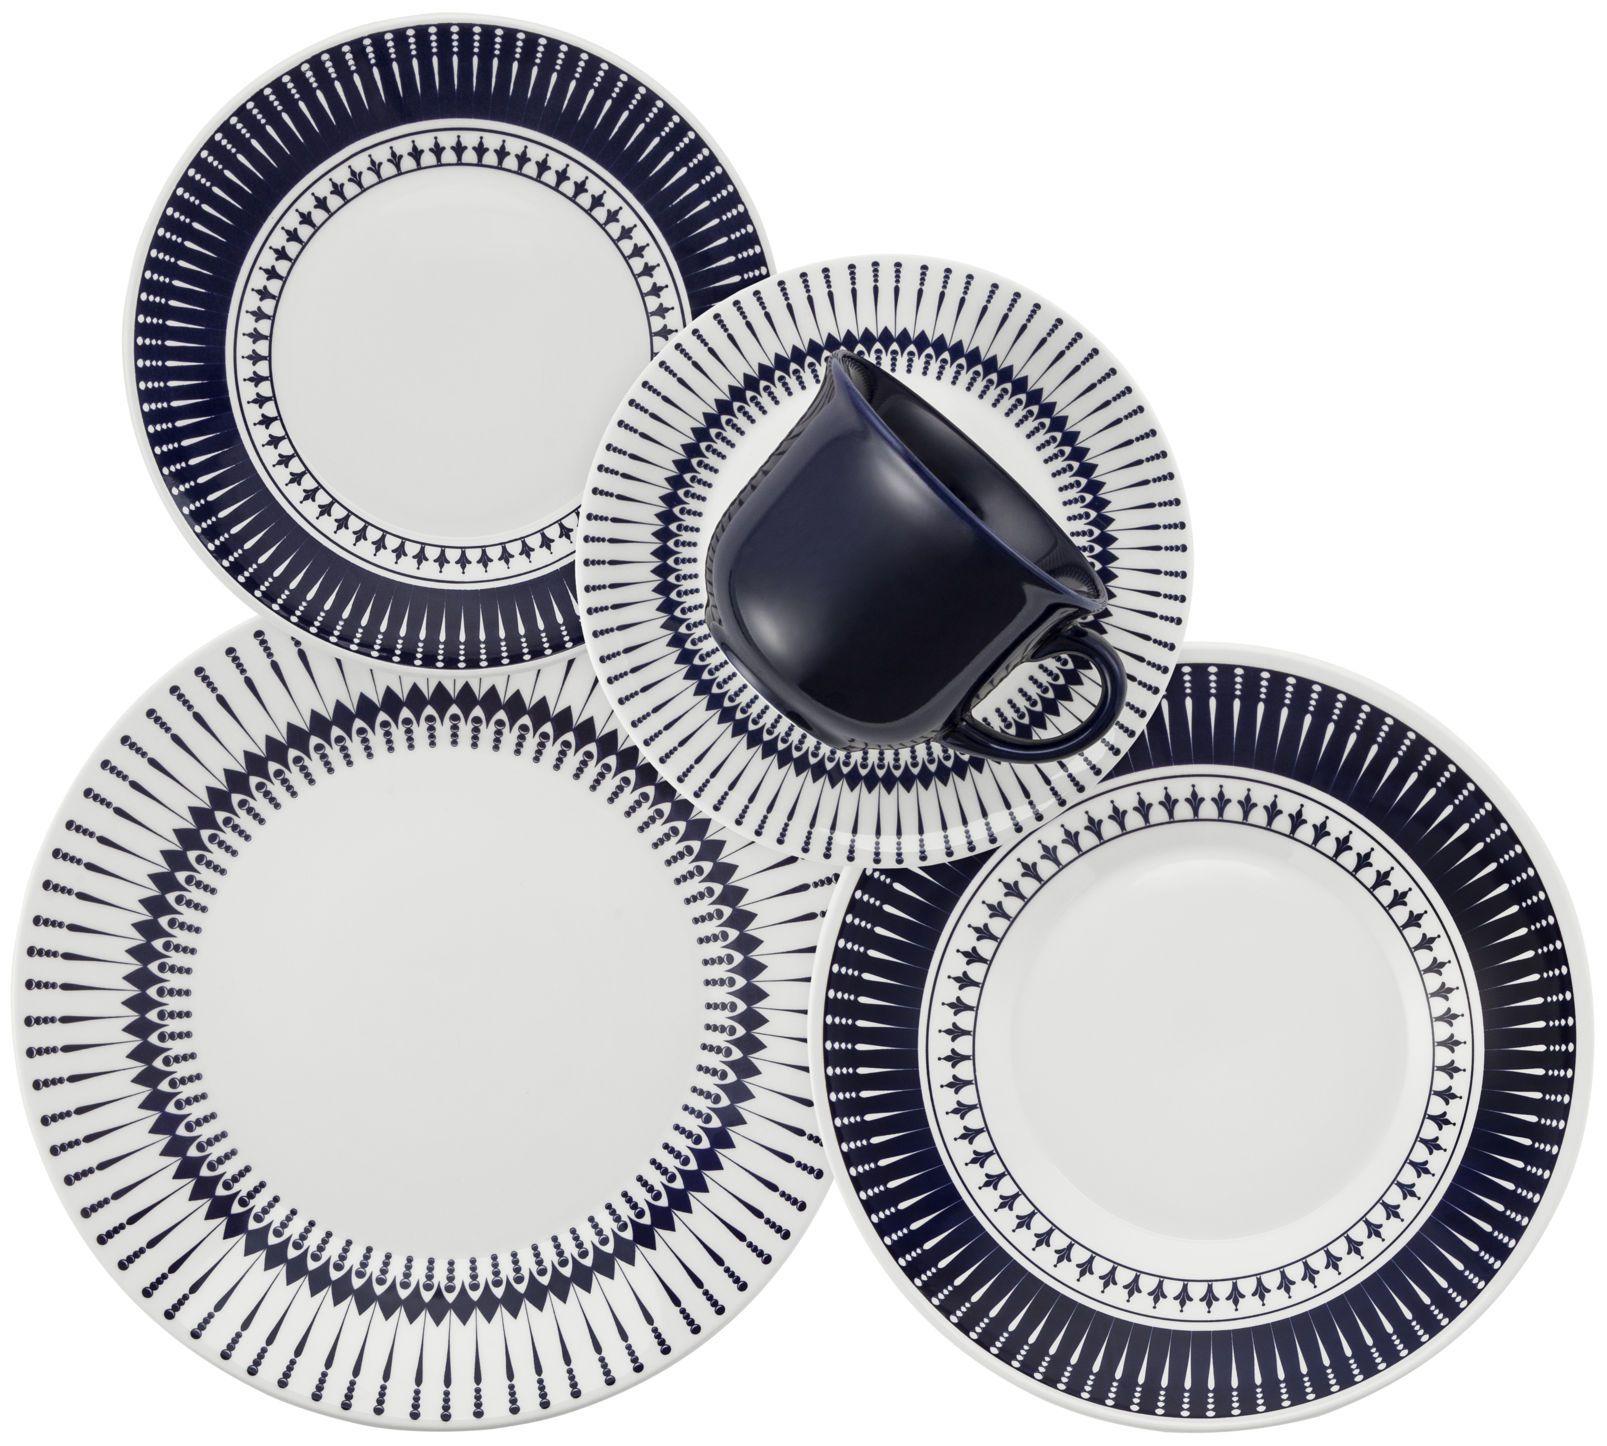 Aparelho de Jantar 20 pçs Colb Biona